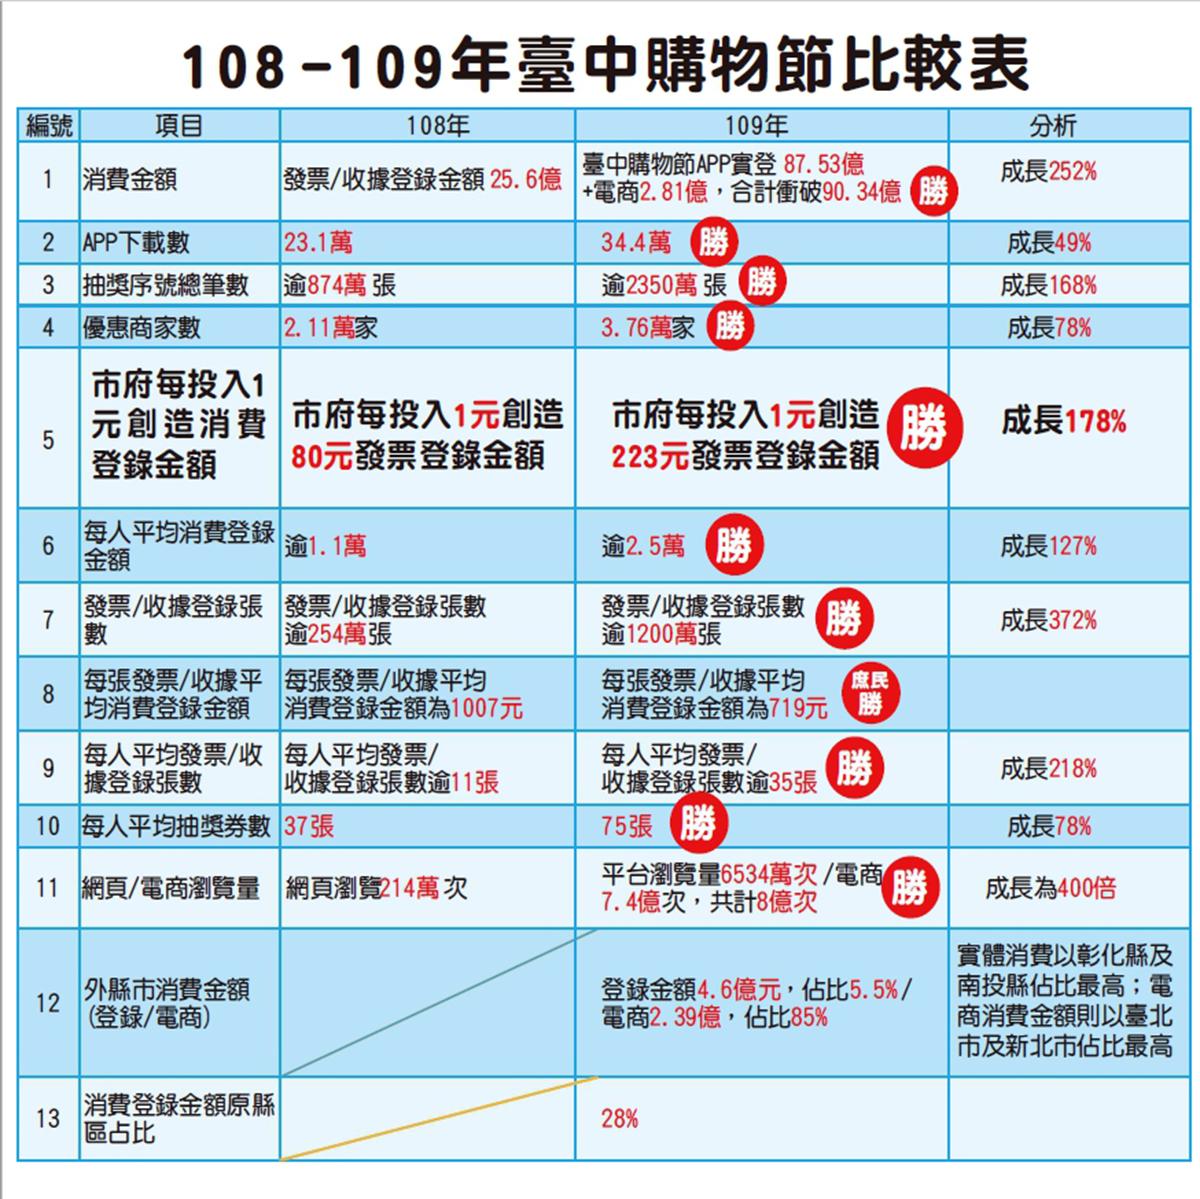 108-109年台中購物節比較表